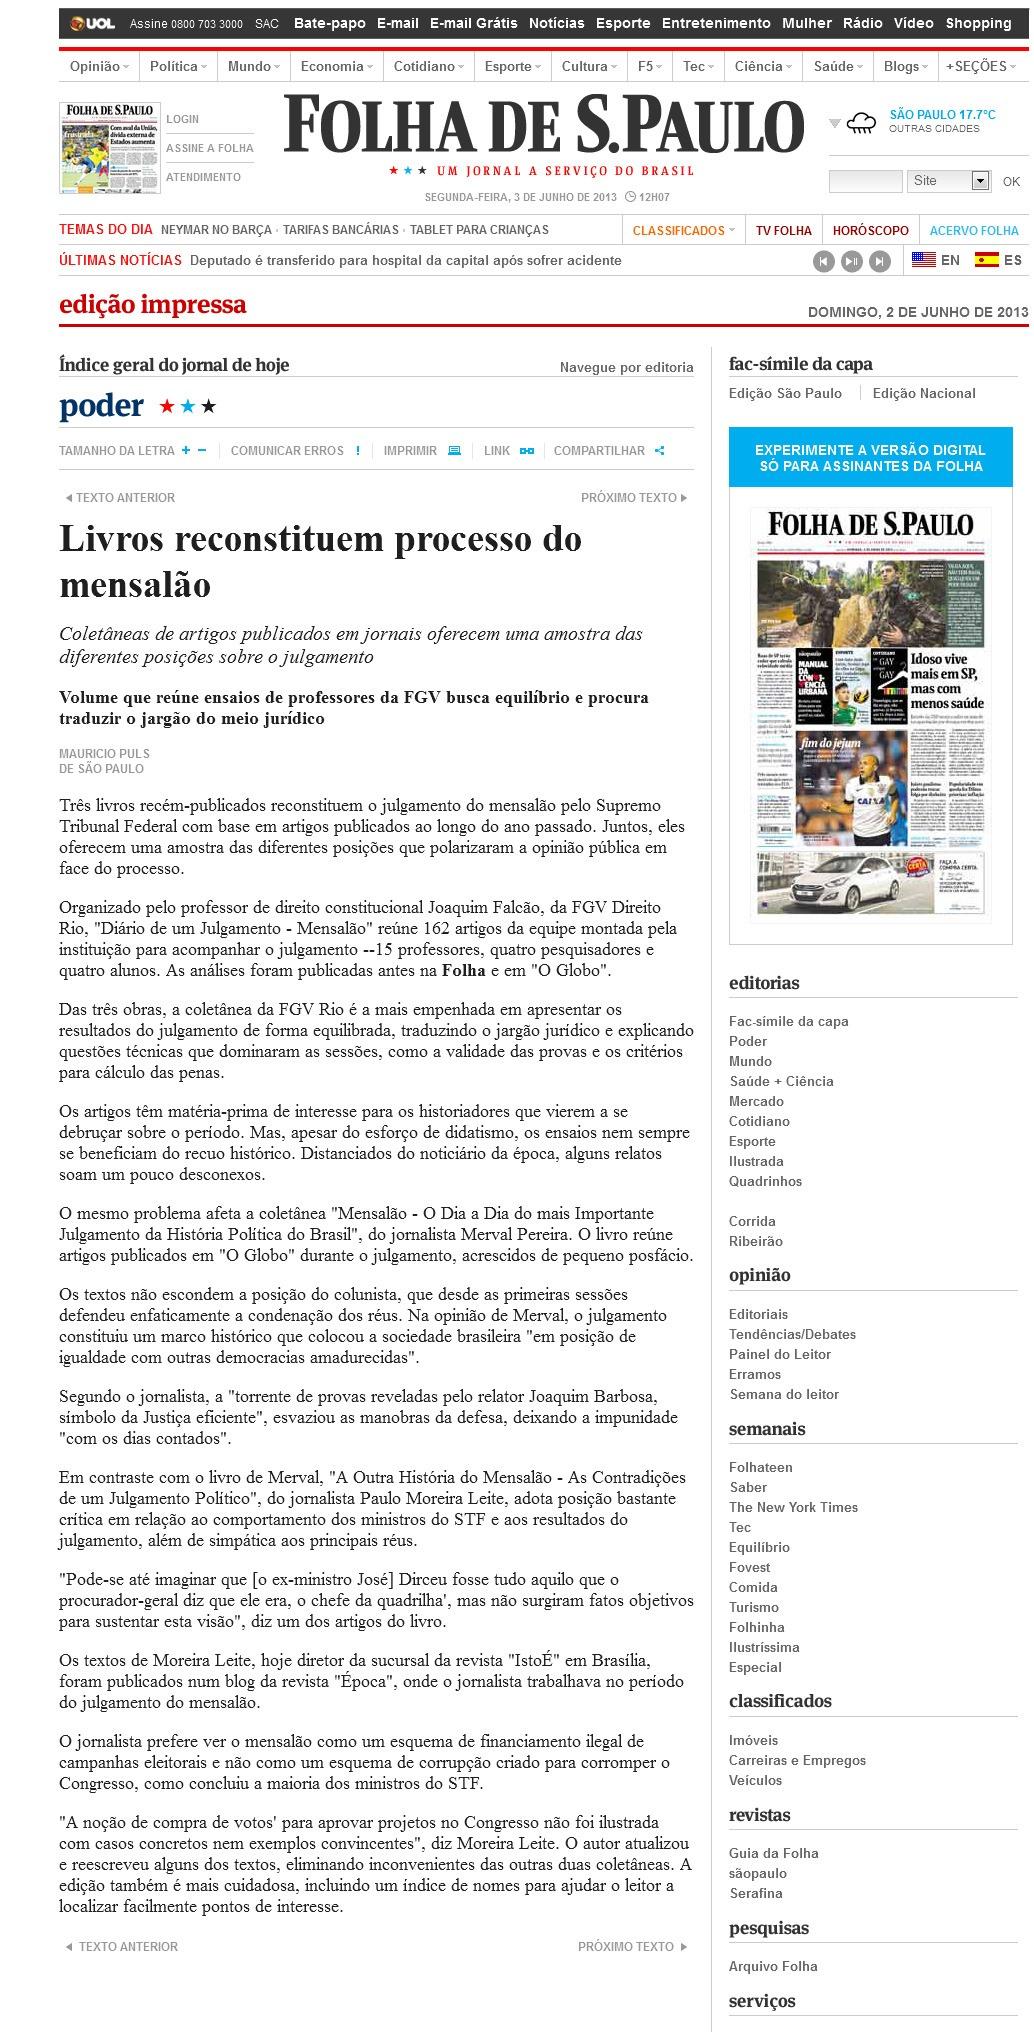 Folha de S.Paulo_02.06.2013